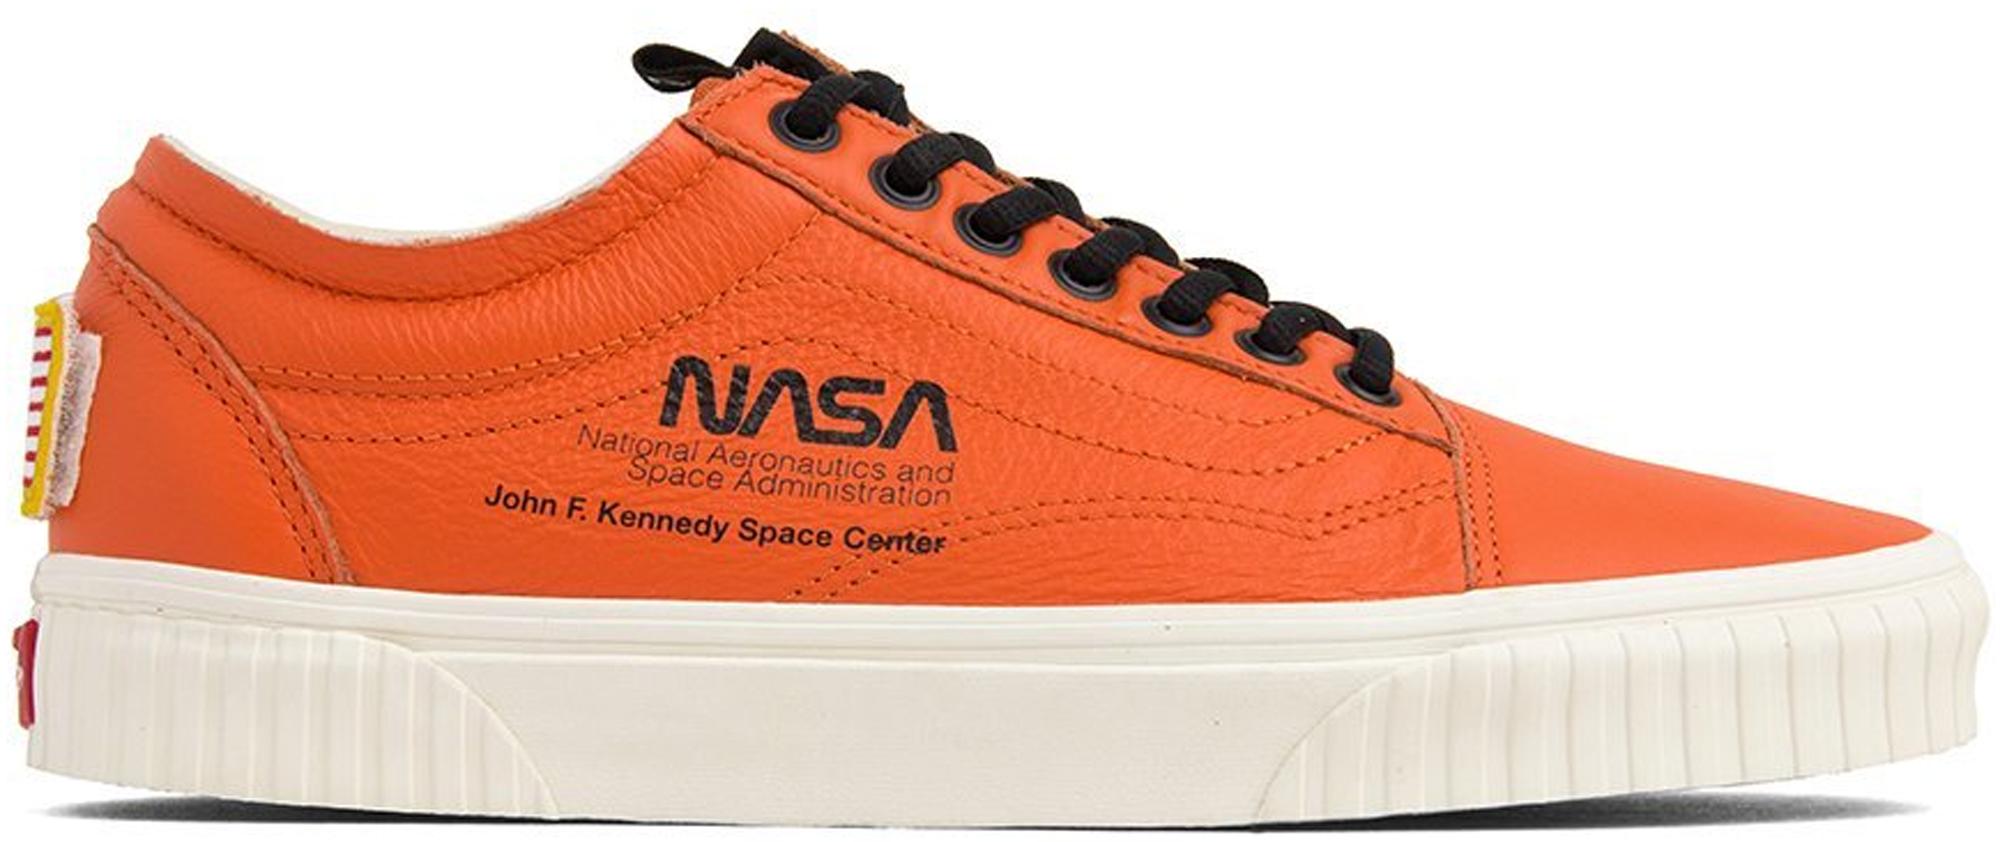 Vans Old Skool NASA Space Voyager Firecracker